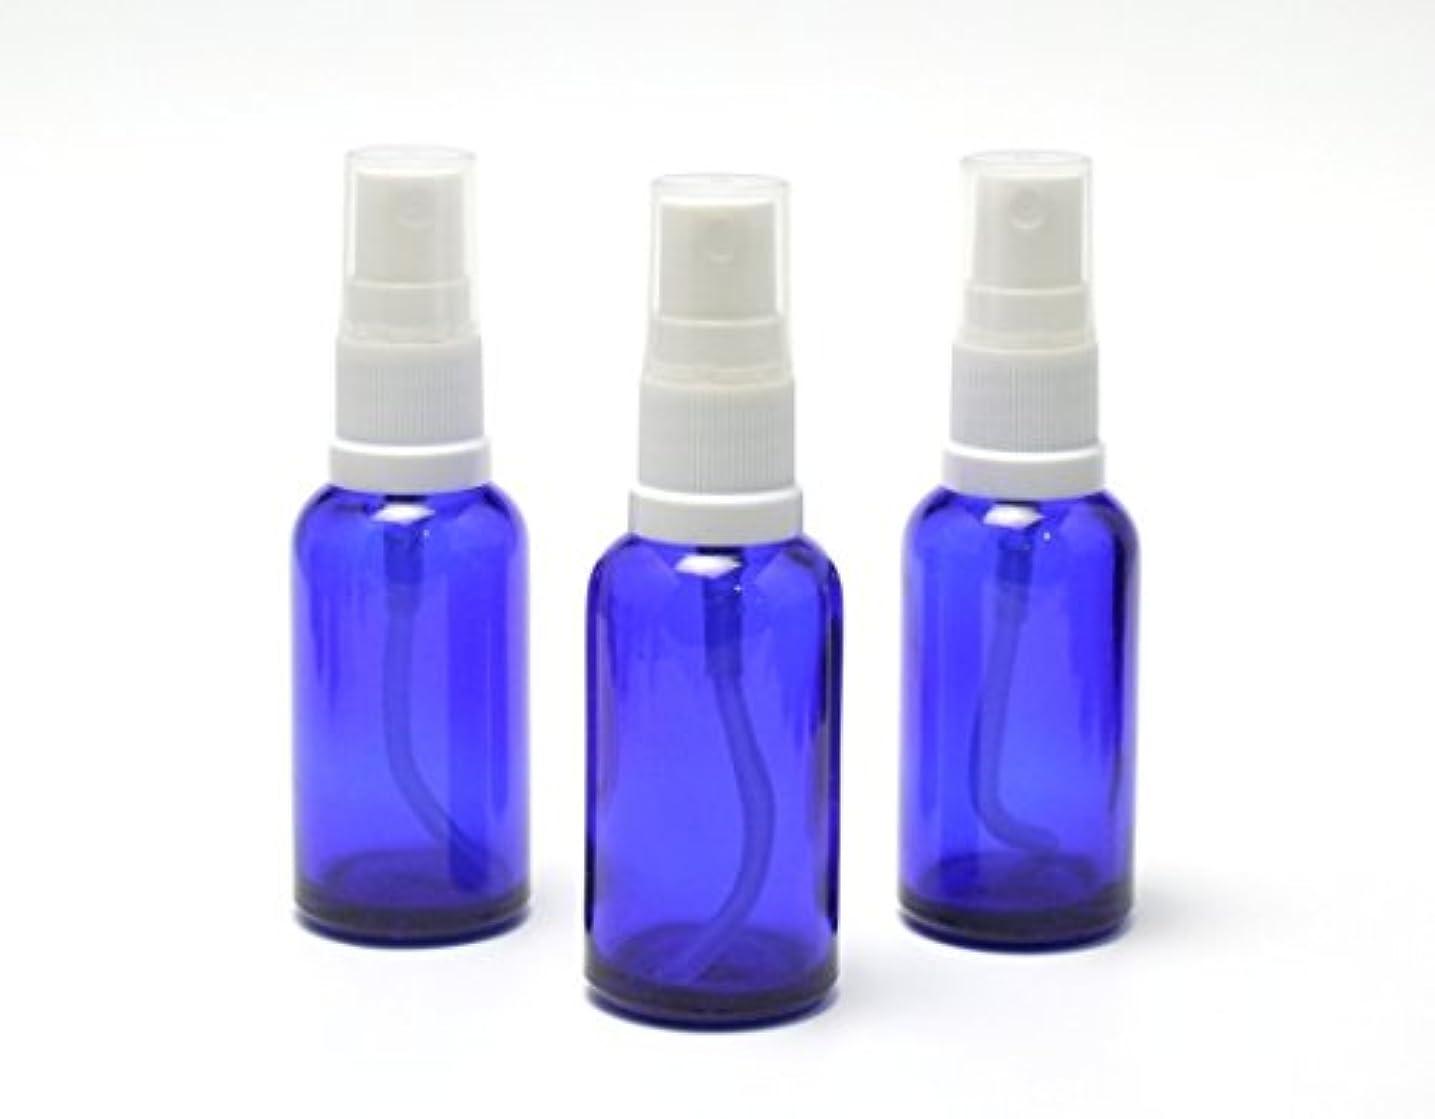 引用近代化する提供された遮光瓶 スプレーボトル 30ml  コバルトブルー / ホワイトヘッド(グラス/アトマイザー)【 アウトレット商品 】